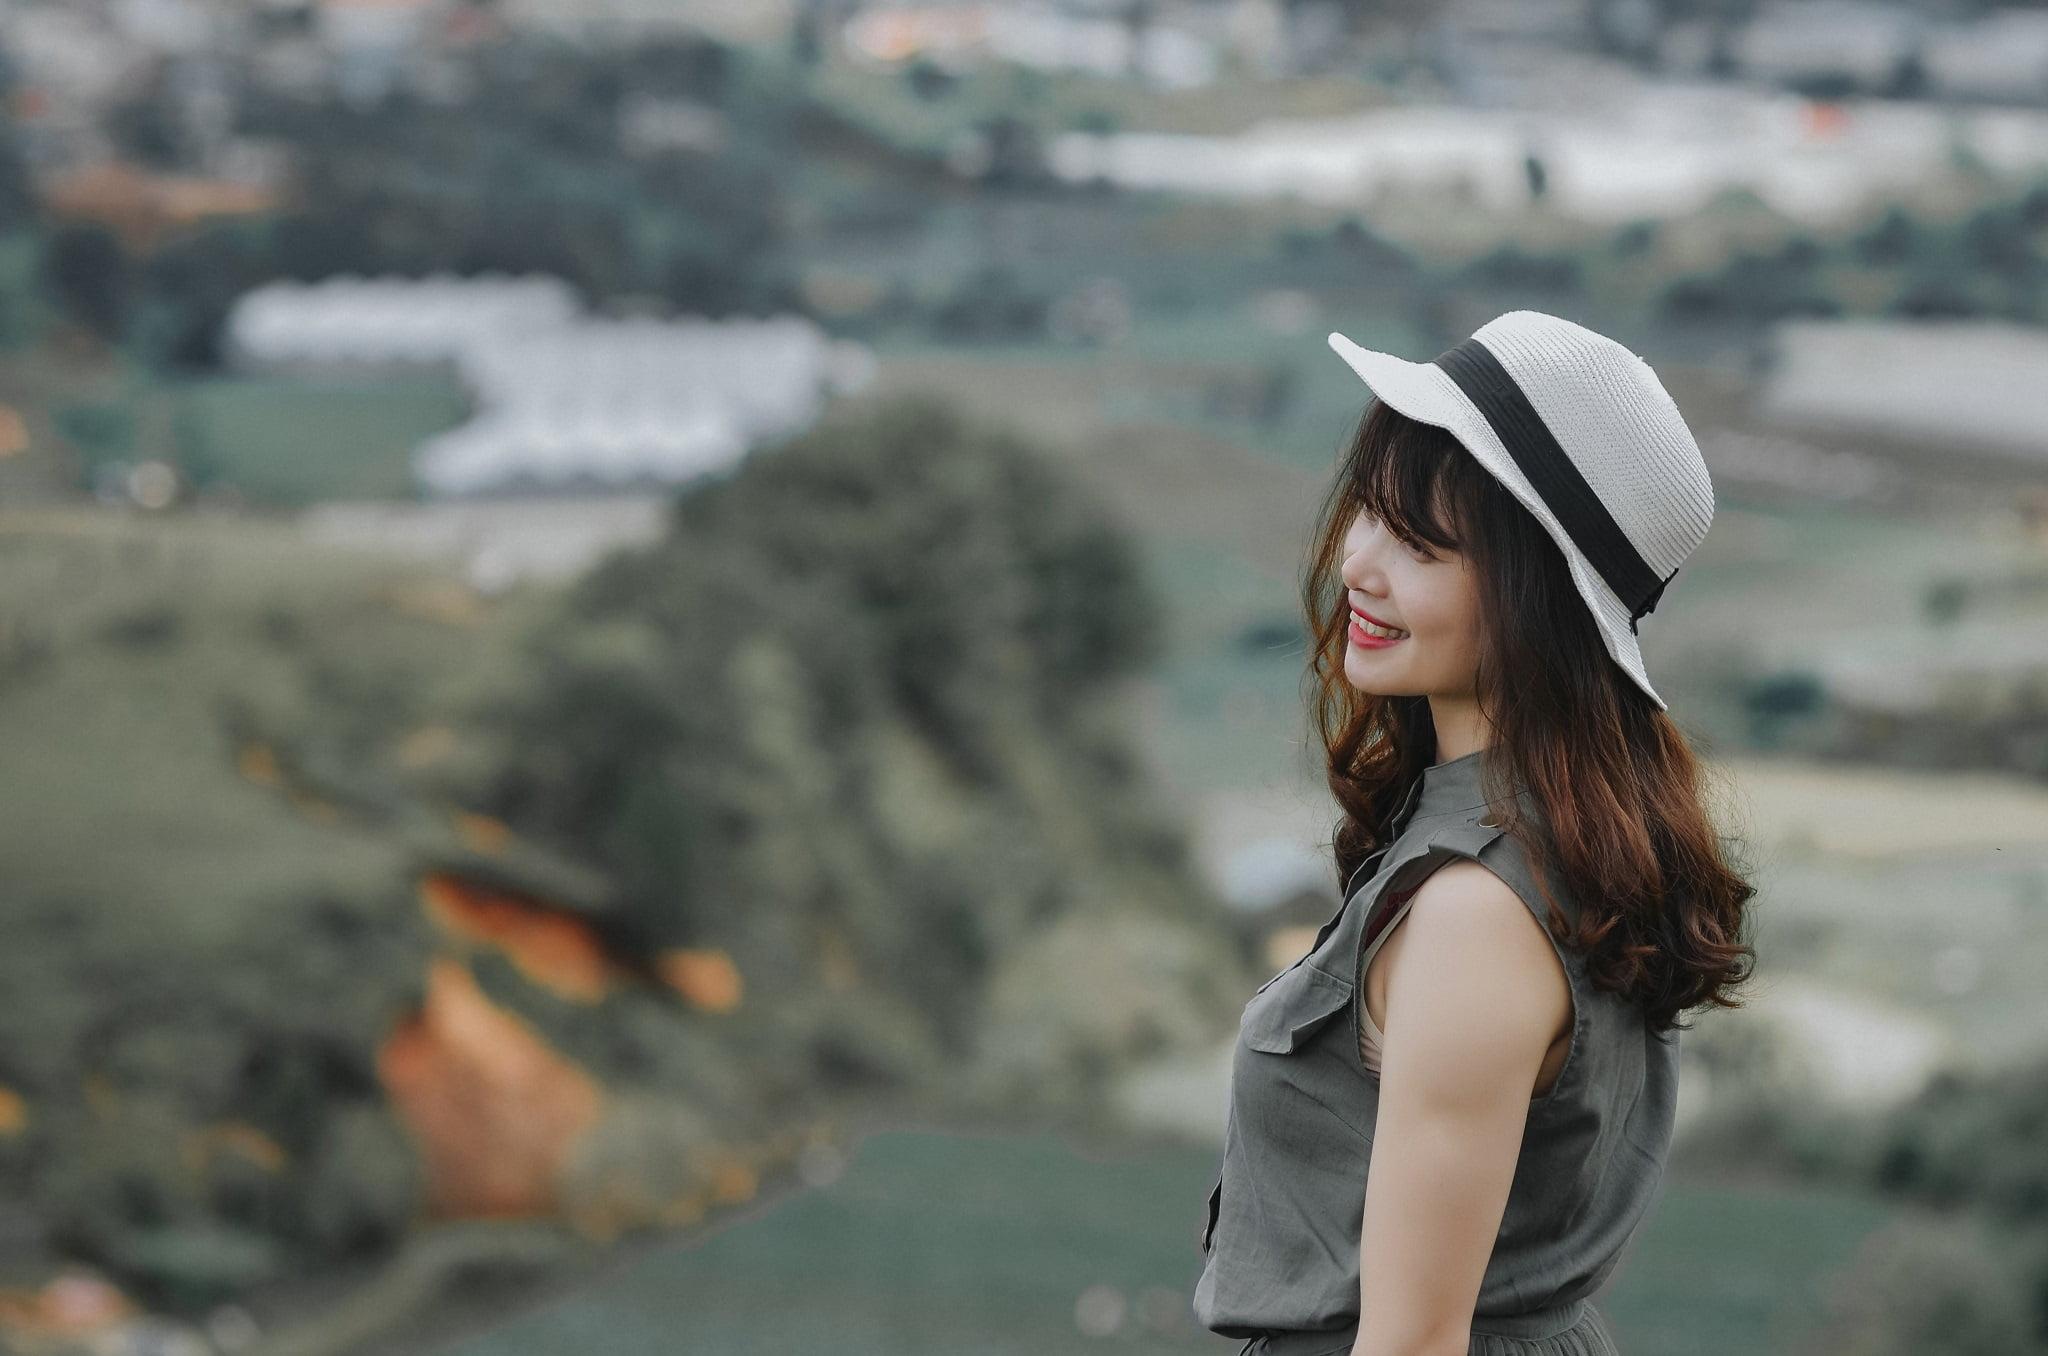 trang 3 - Ảnh chụp trên đỉnh Langbiang Đà Lạt - Trang Nguyễn